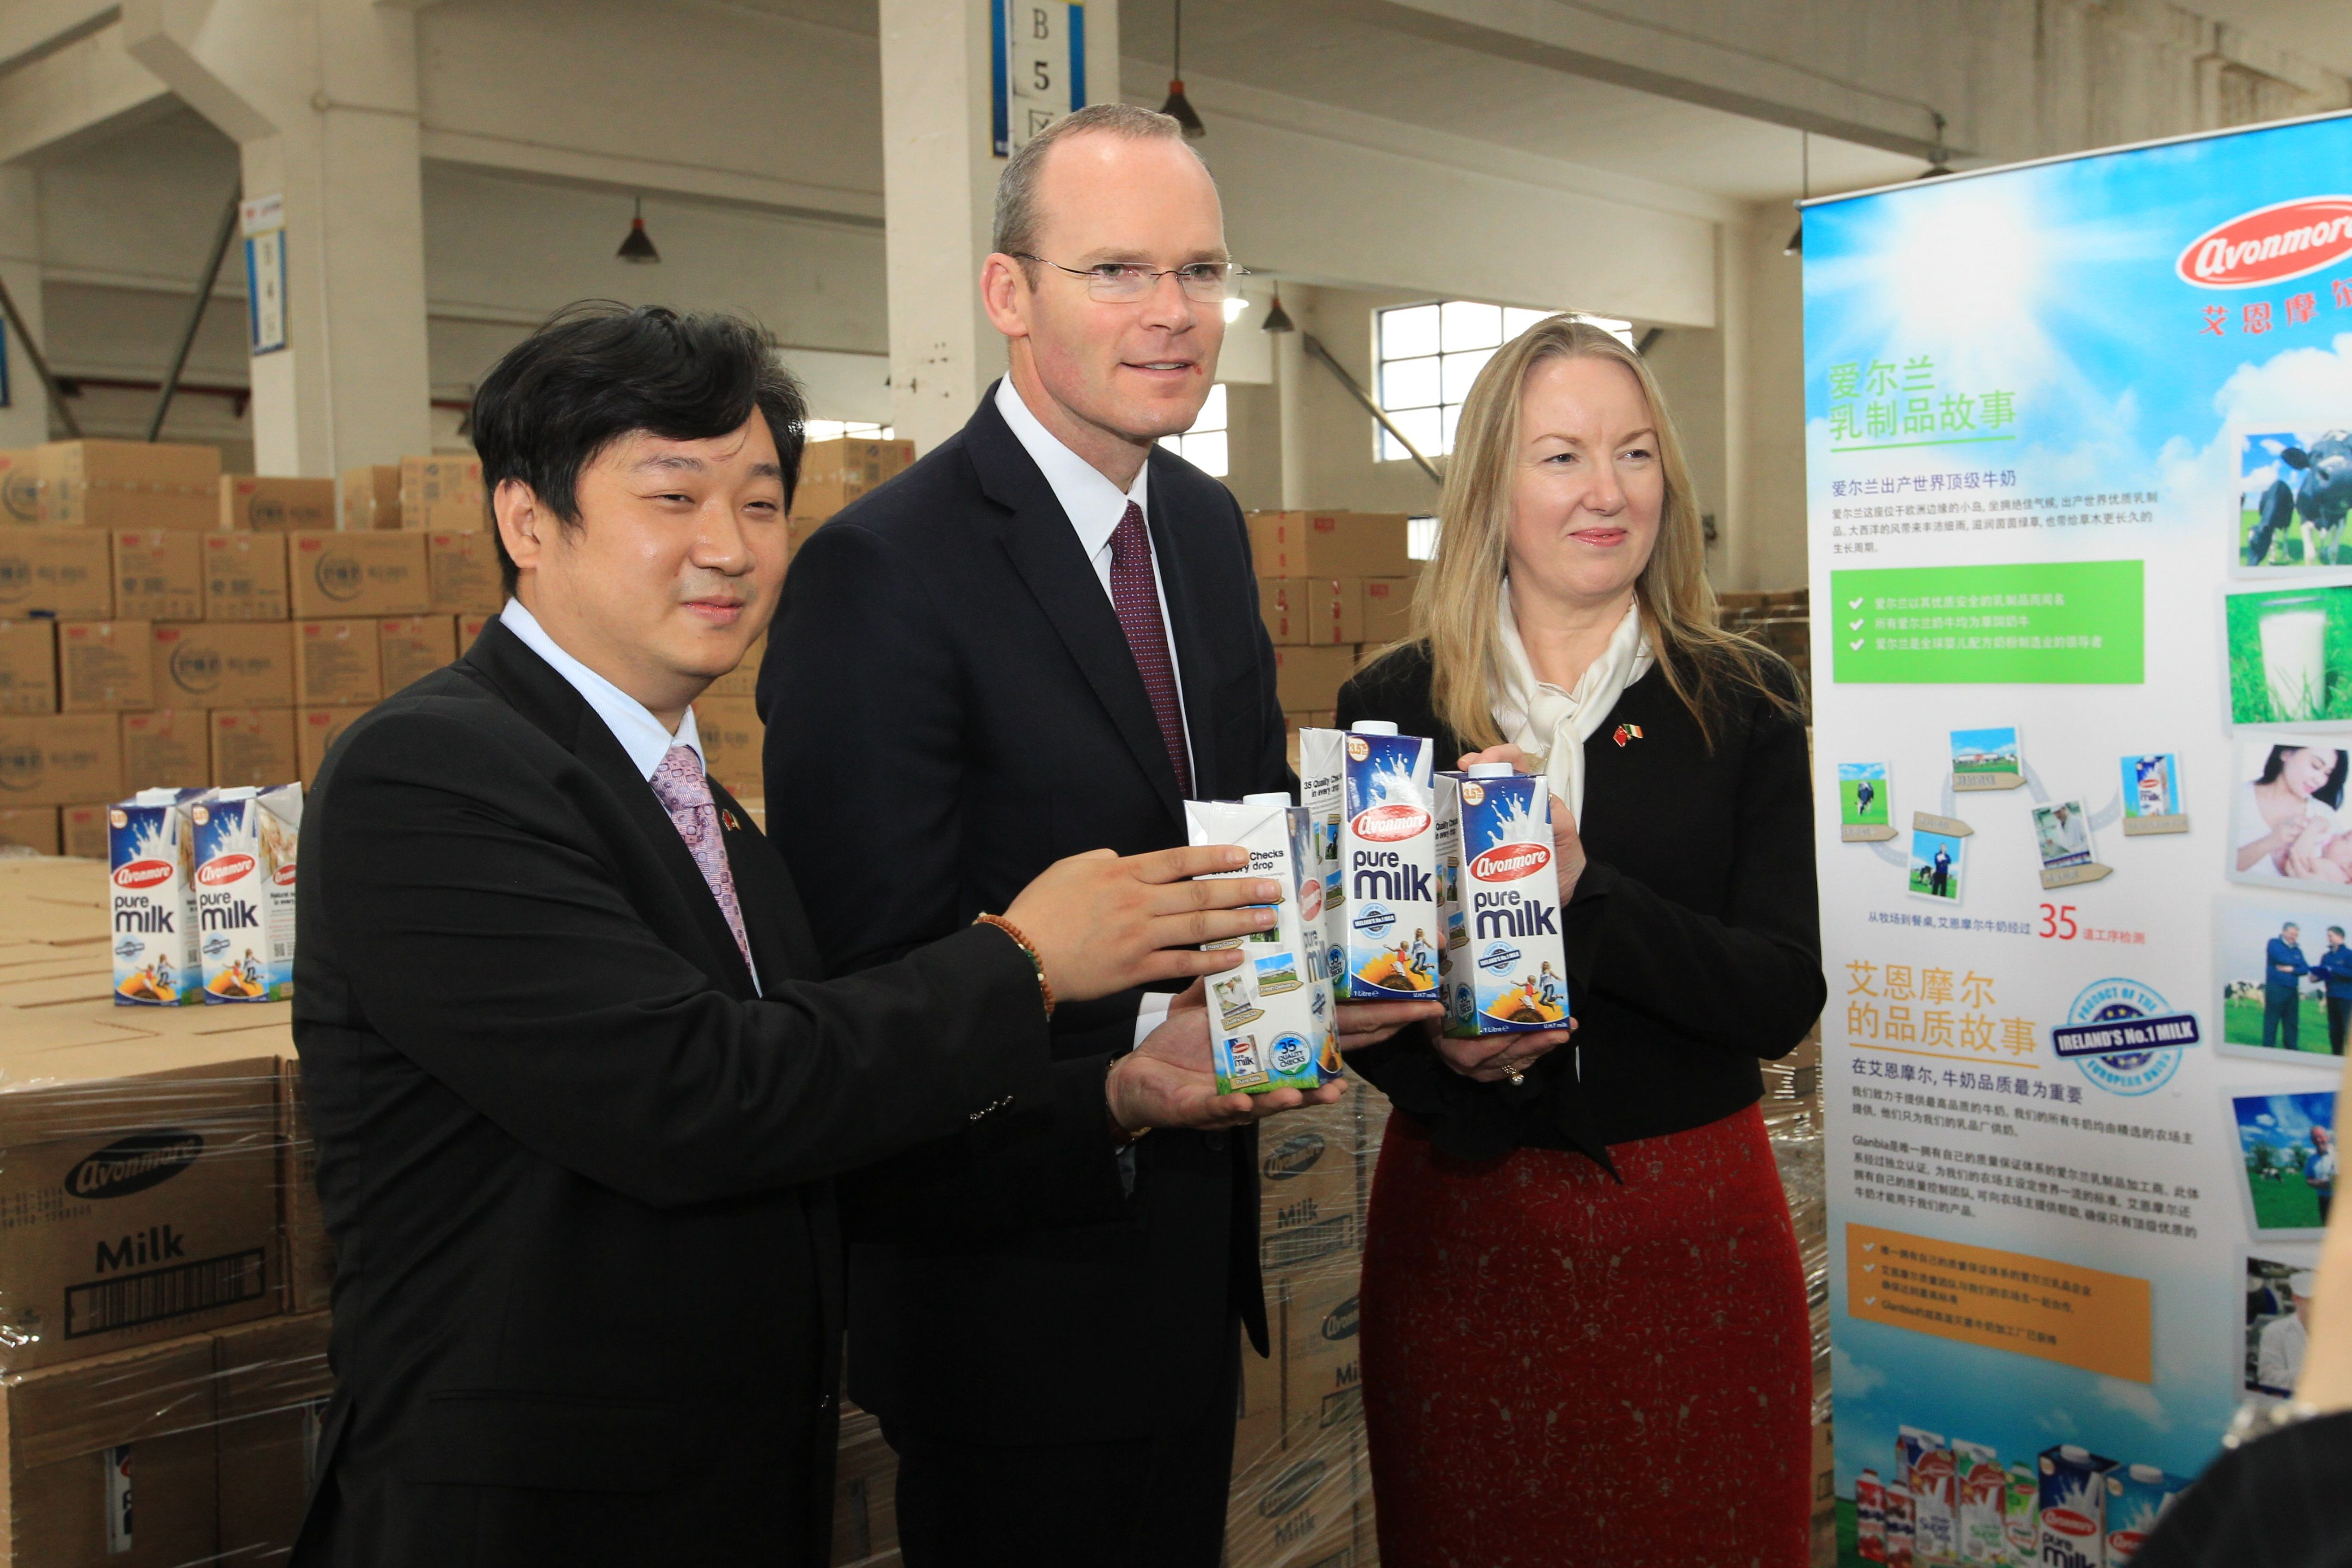 Glanbia launches Avonmore UHT milk in China